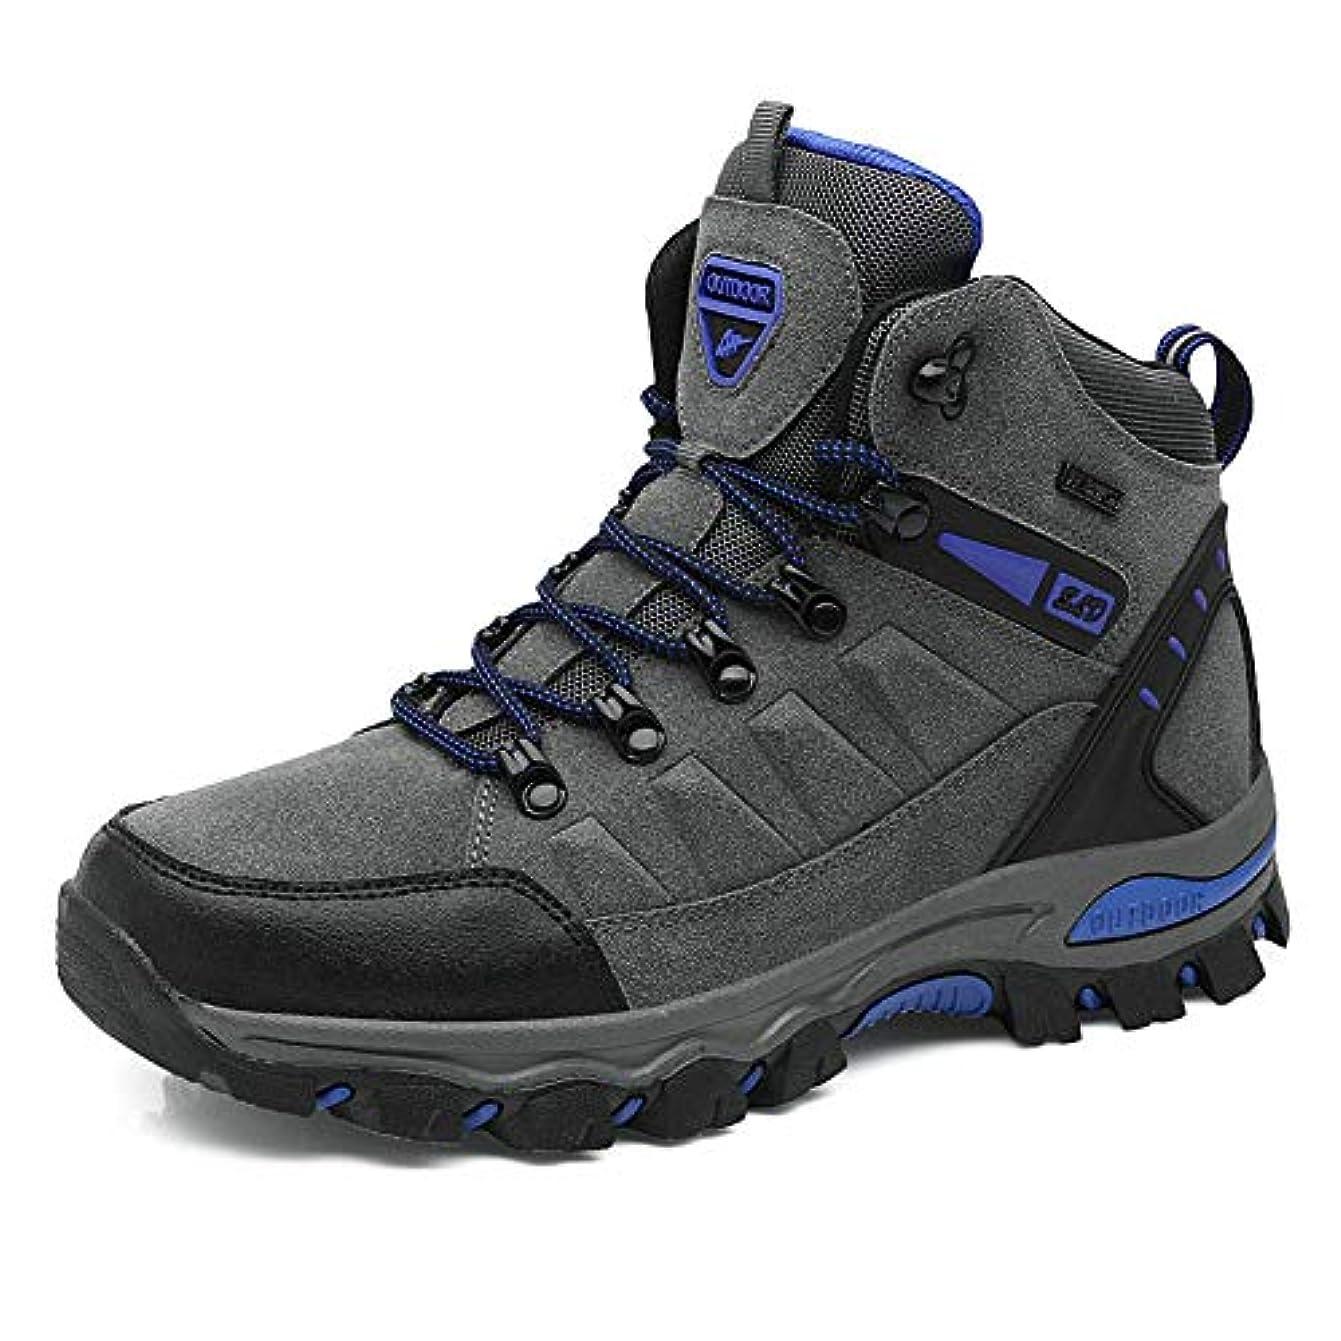 ベイビー効率的に露骨な[TcIFE] トレッキングシューズ メンズ 防水 防滑 ハイカット 登山靴 大きいサイズ ハイキングシューズ メンズ 耐磨耗 ハイキングシューズ メンズ 通気性 スニーカー